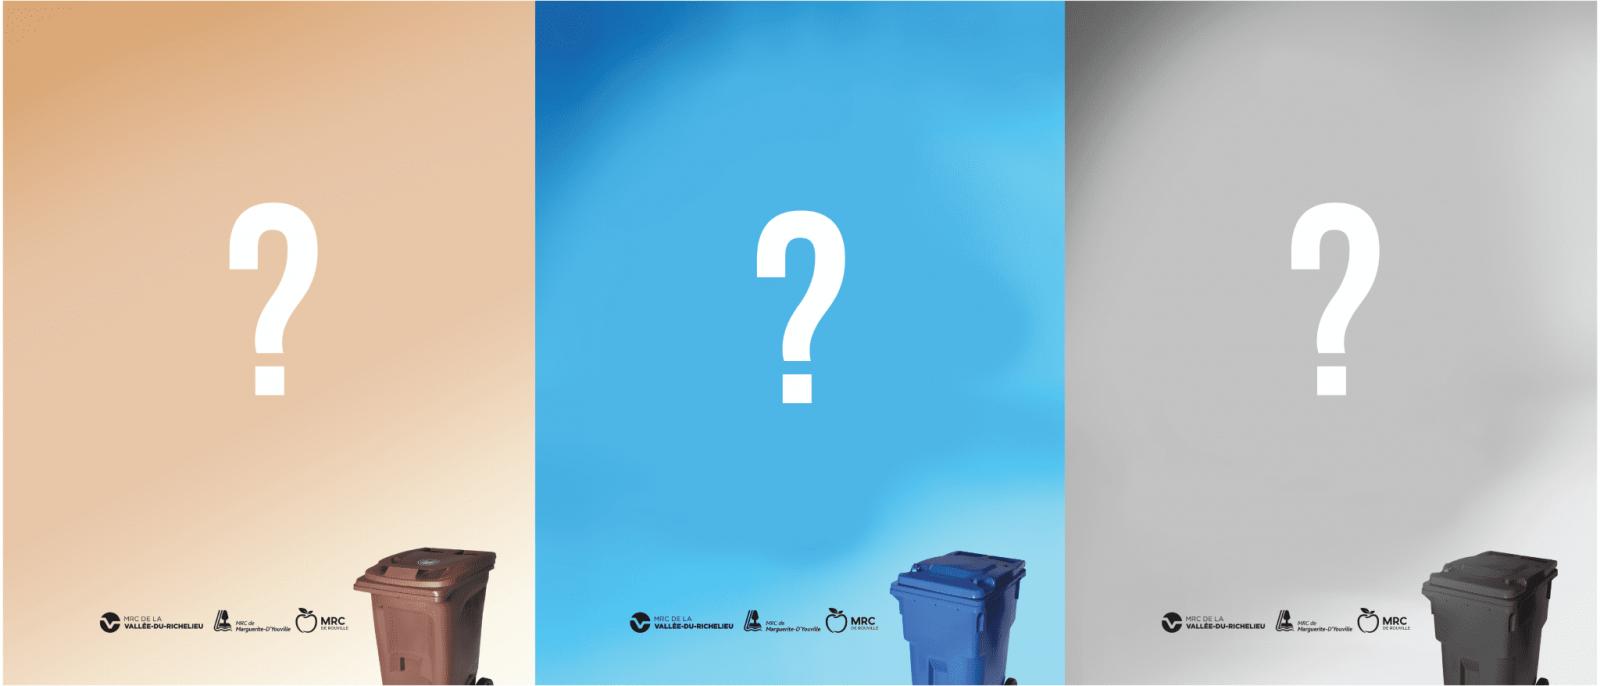 Trois MRC de la Montérégie s'unissent  pour lancer une nouvelle campagne régionale de sensibilisation